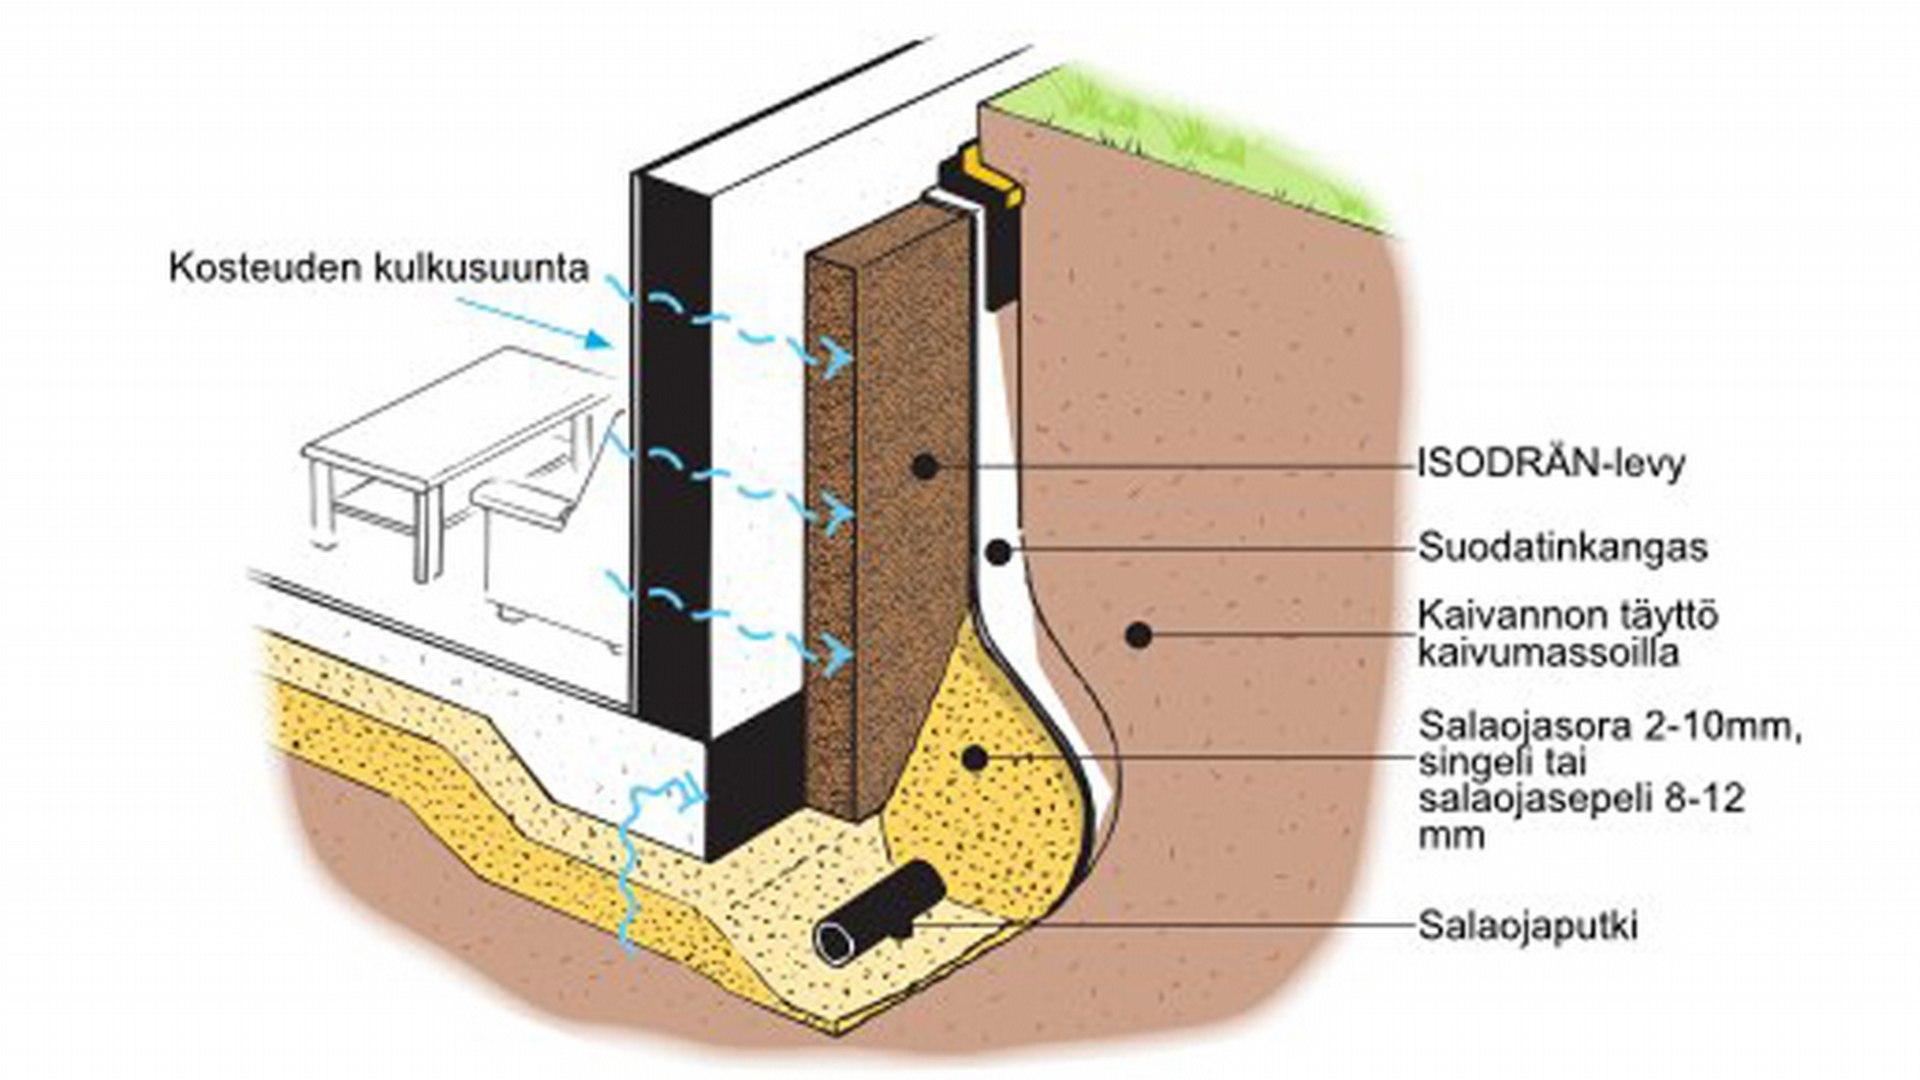 ISODRÄN - kosteuseristys maanvastaisiin rakenteisiin